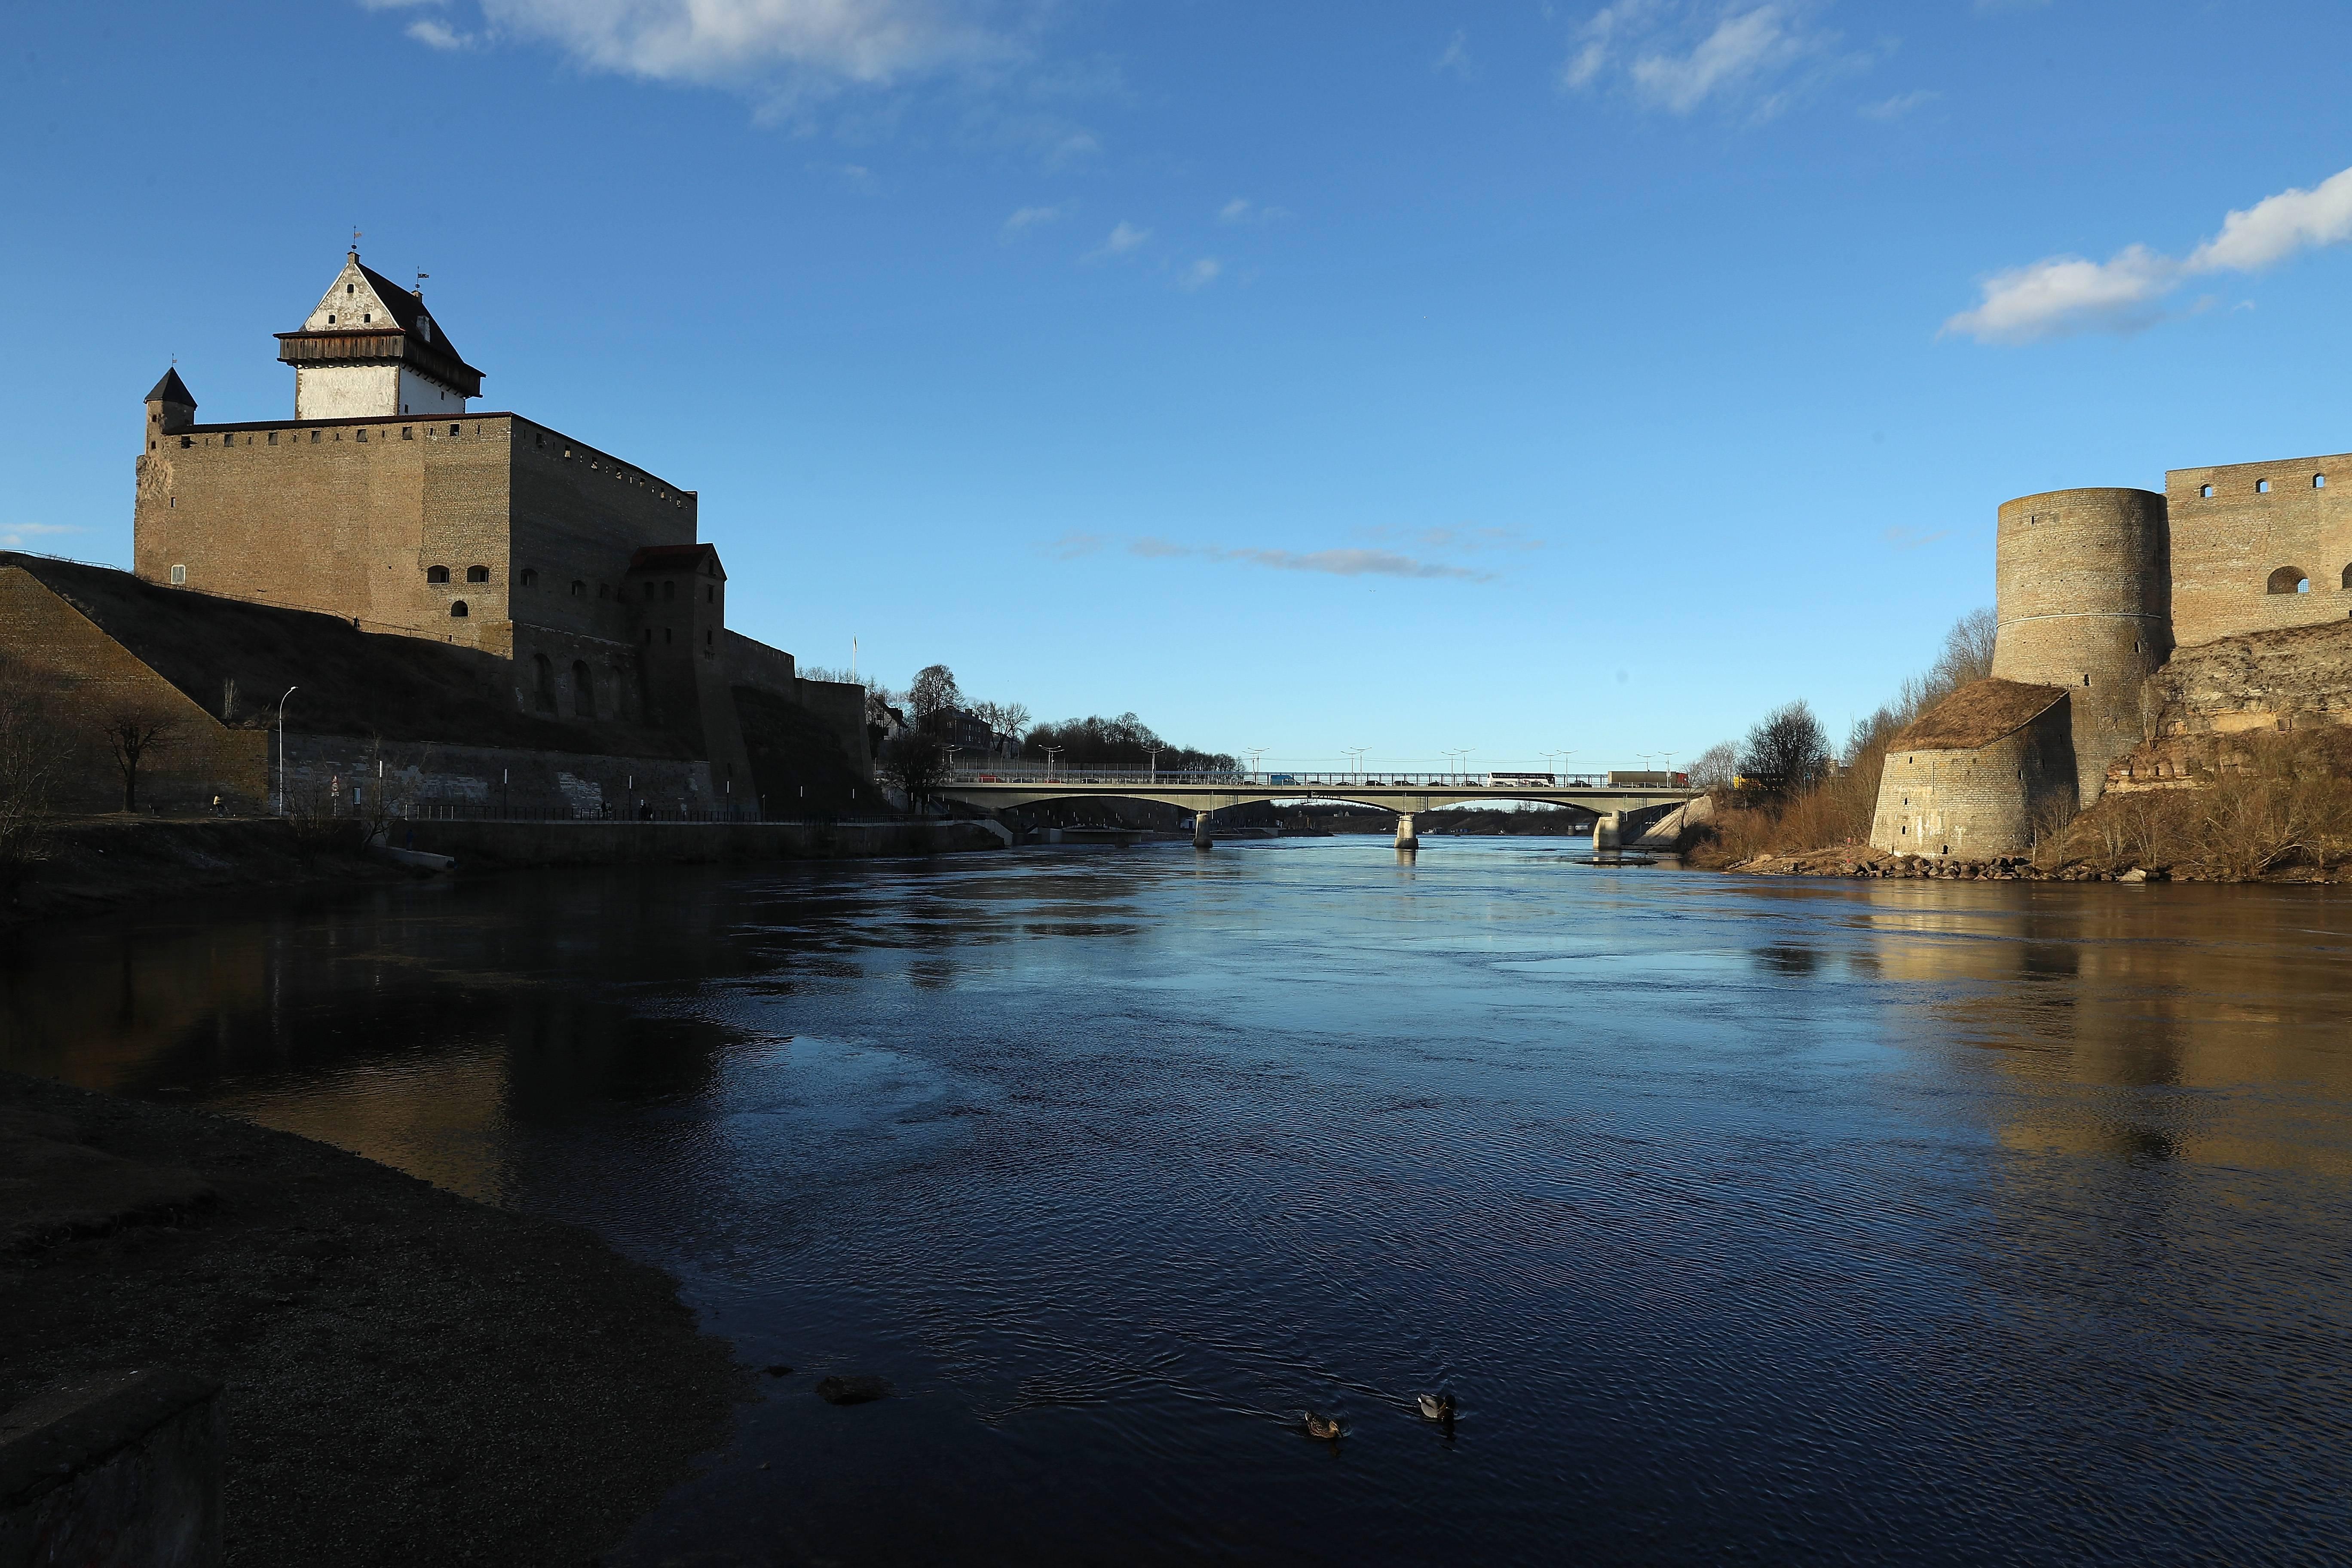 El río Narva, frontera natural entre Estonia (izquierda) y Rusia. Las fortalezas de ambos países se miran.